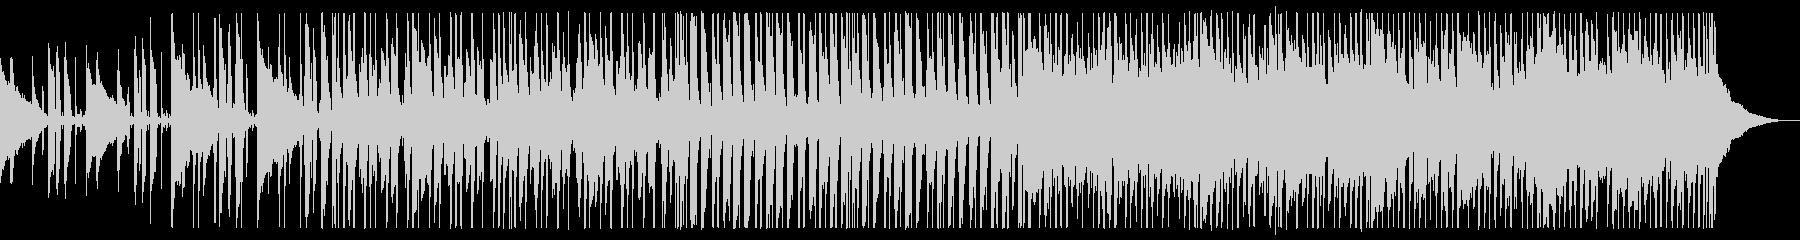 爽やかなカフェBGM_No686_3の未再生の波形